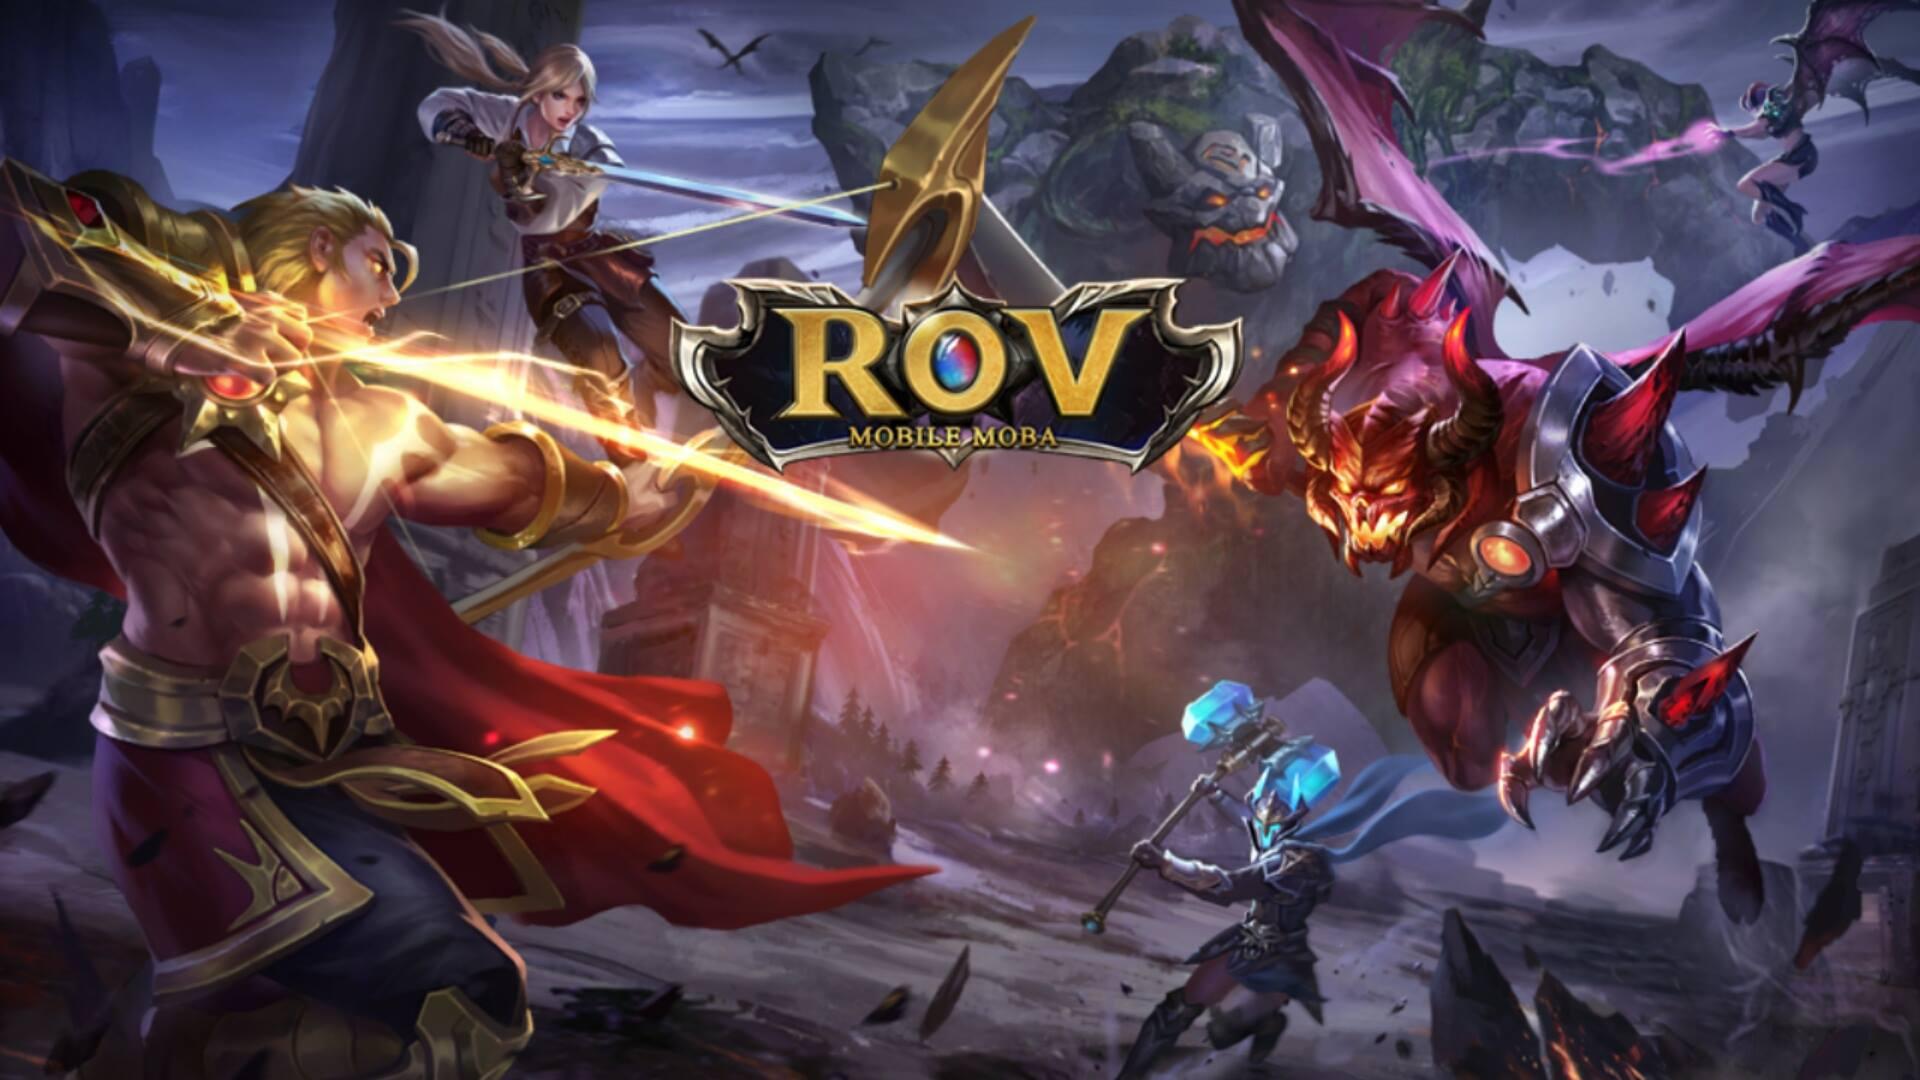 เล นเกม Garena Rov Mobile Moba บน Pc พร อมระเบ ดความม นส ก บเกม